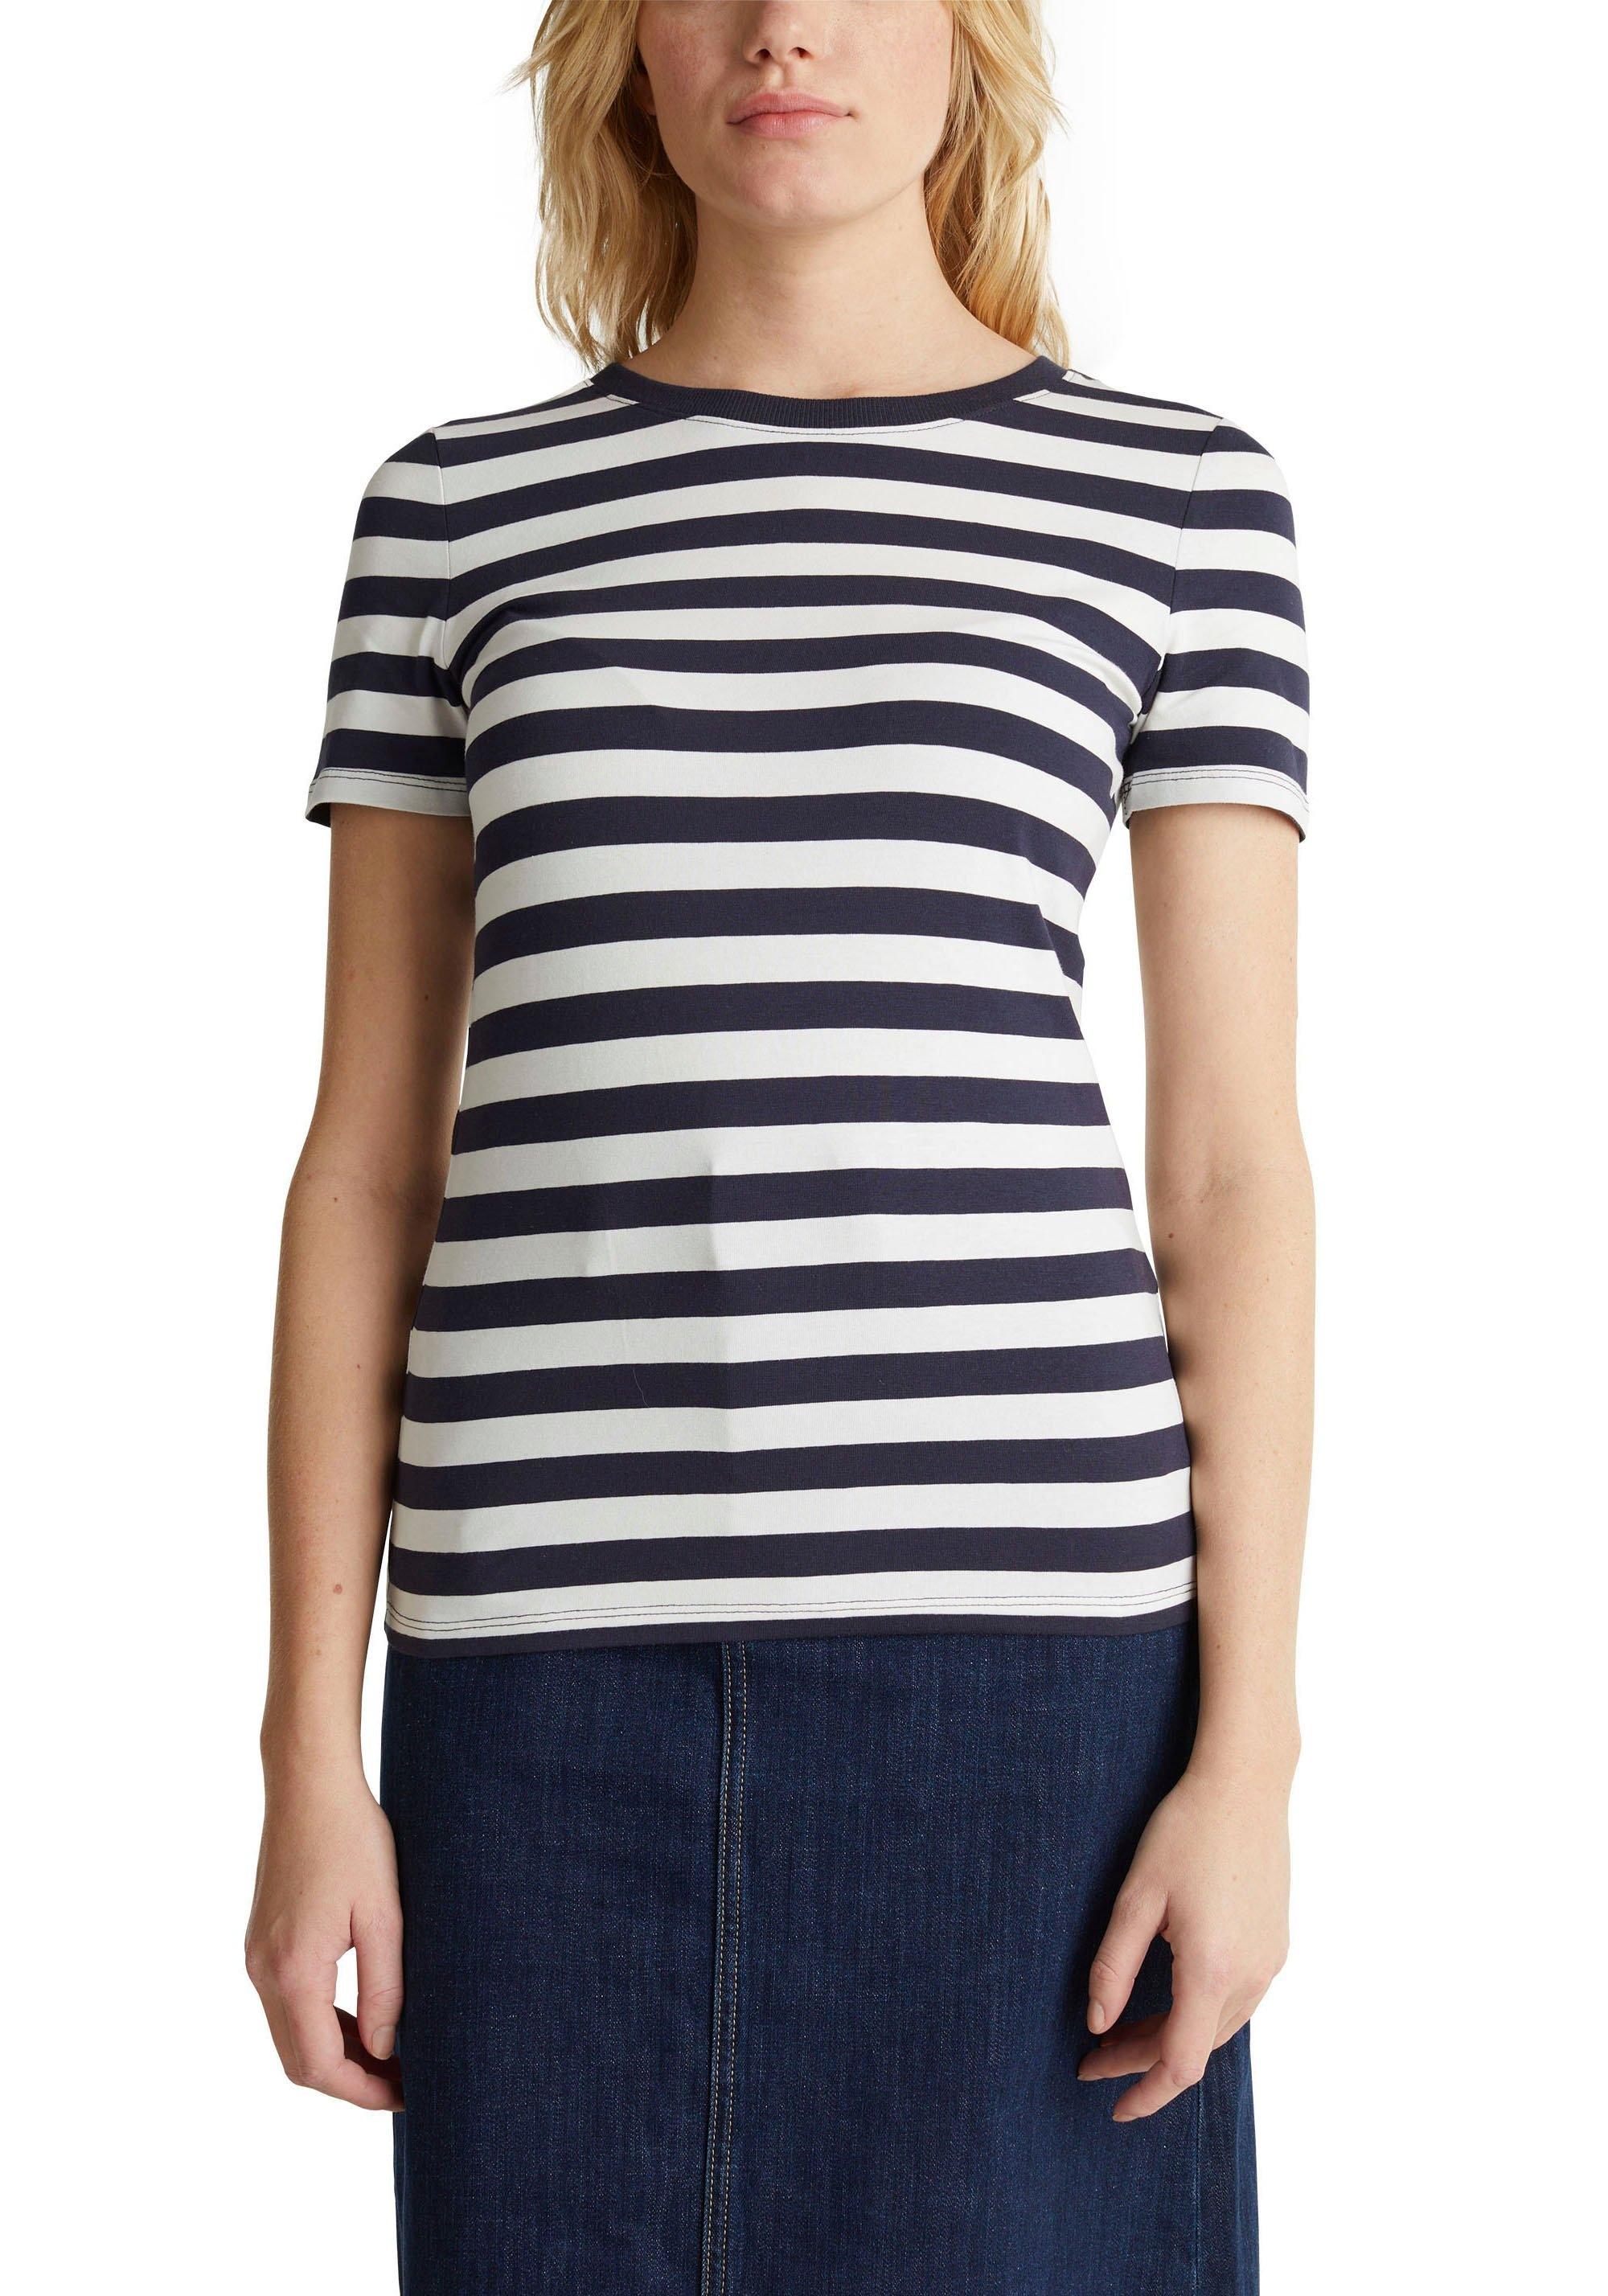 ESPRIT T-shirt nu online kopen bij OTTO